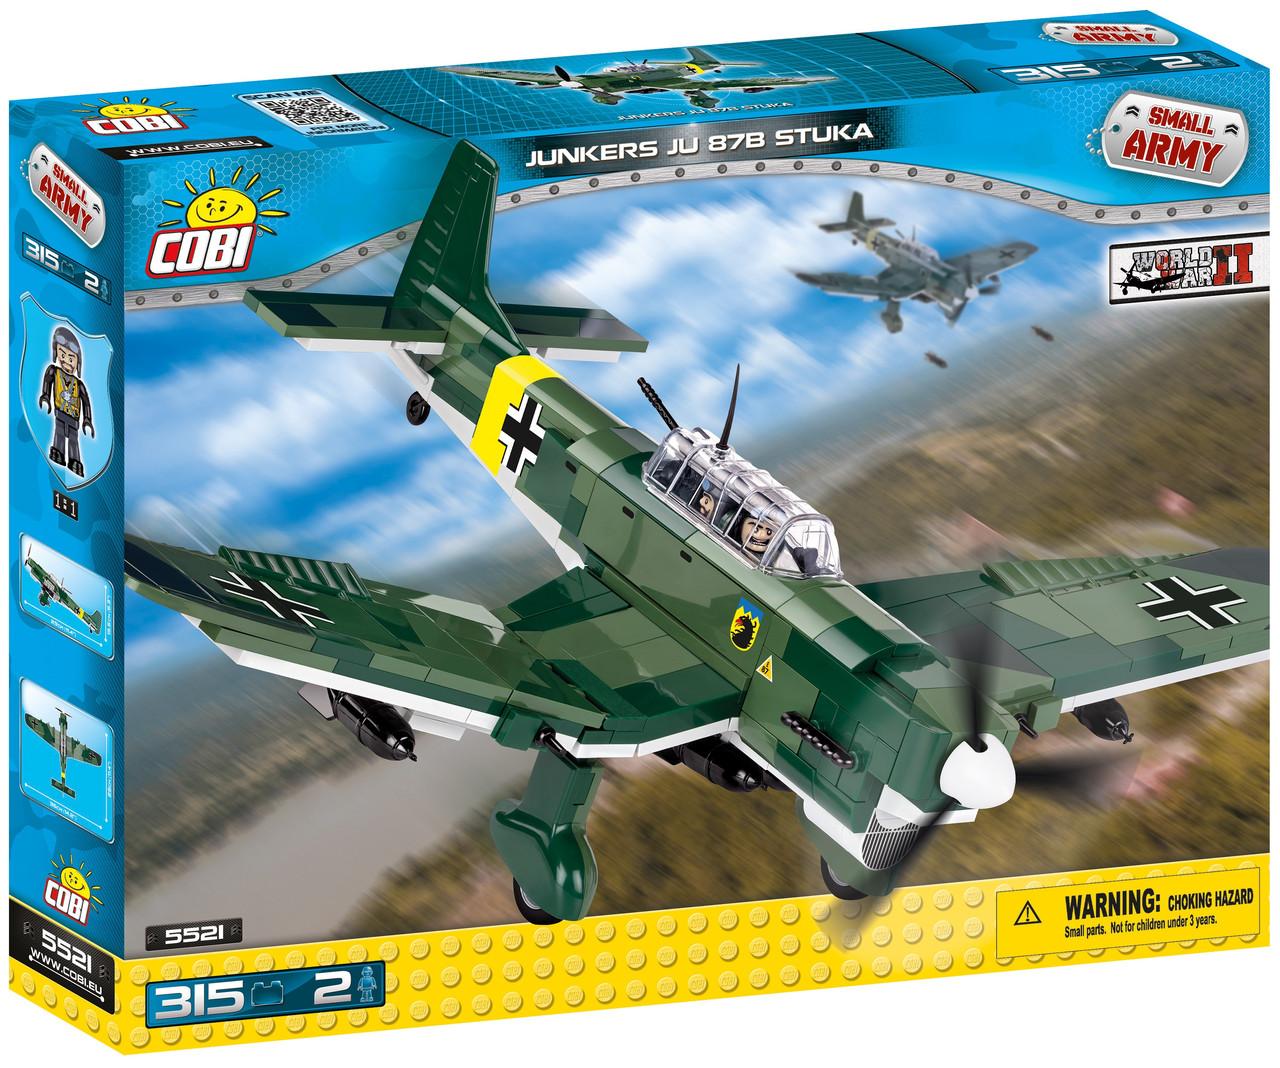 Конструктор Cobi Вторая Мировая Война Самолет B-25 Митчелл 500 деталей (COBI-5541) (5902251055394)